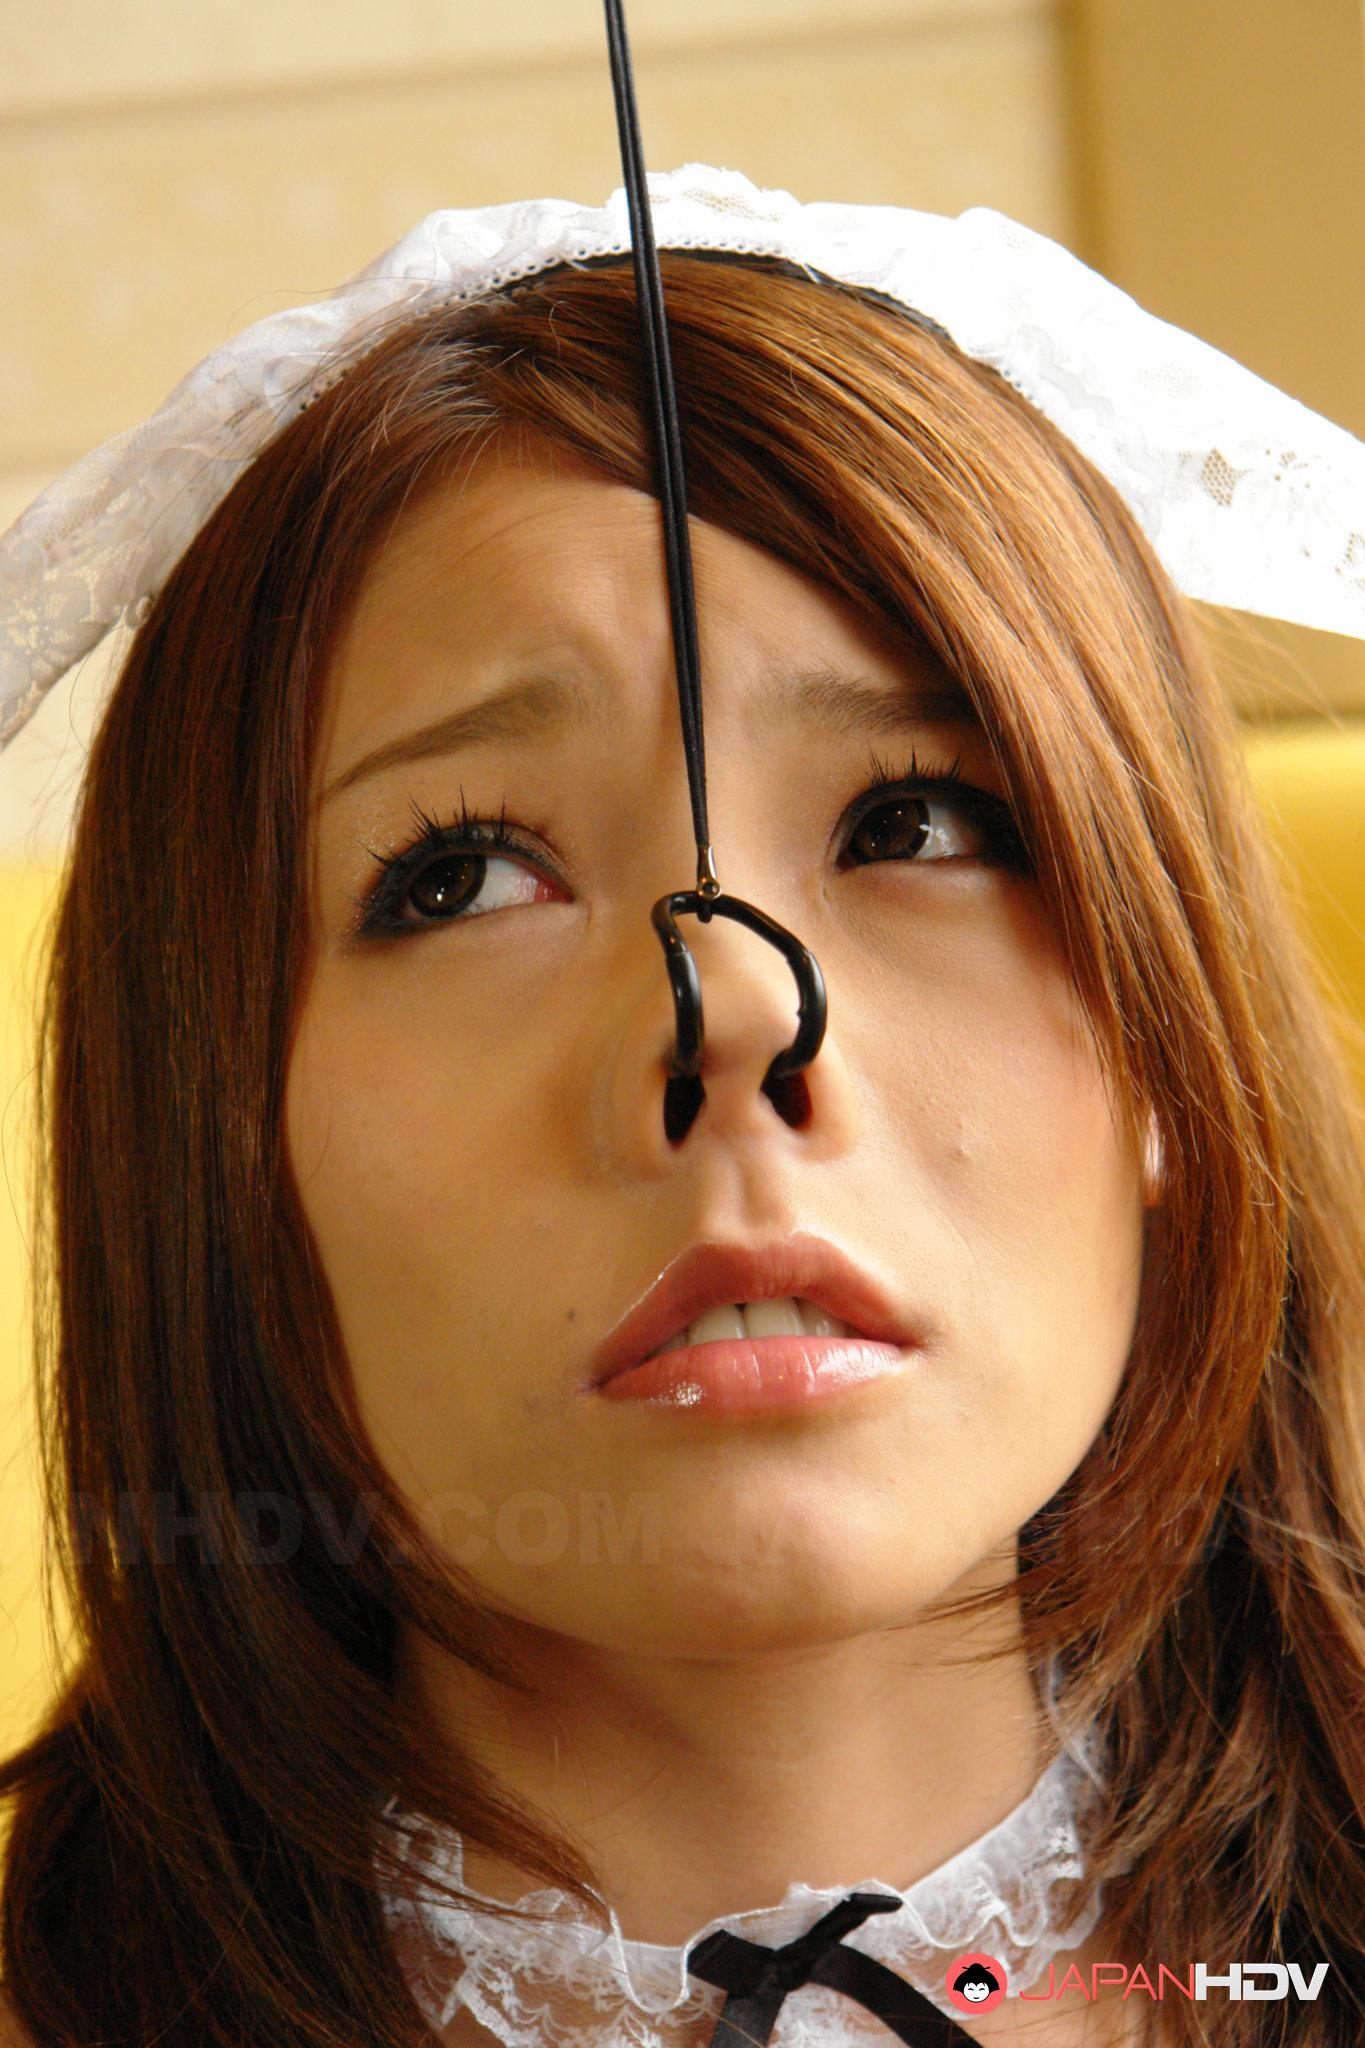 Japanese porn nose hook